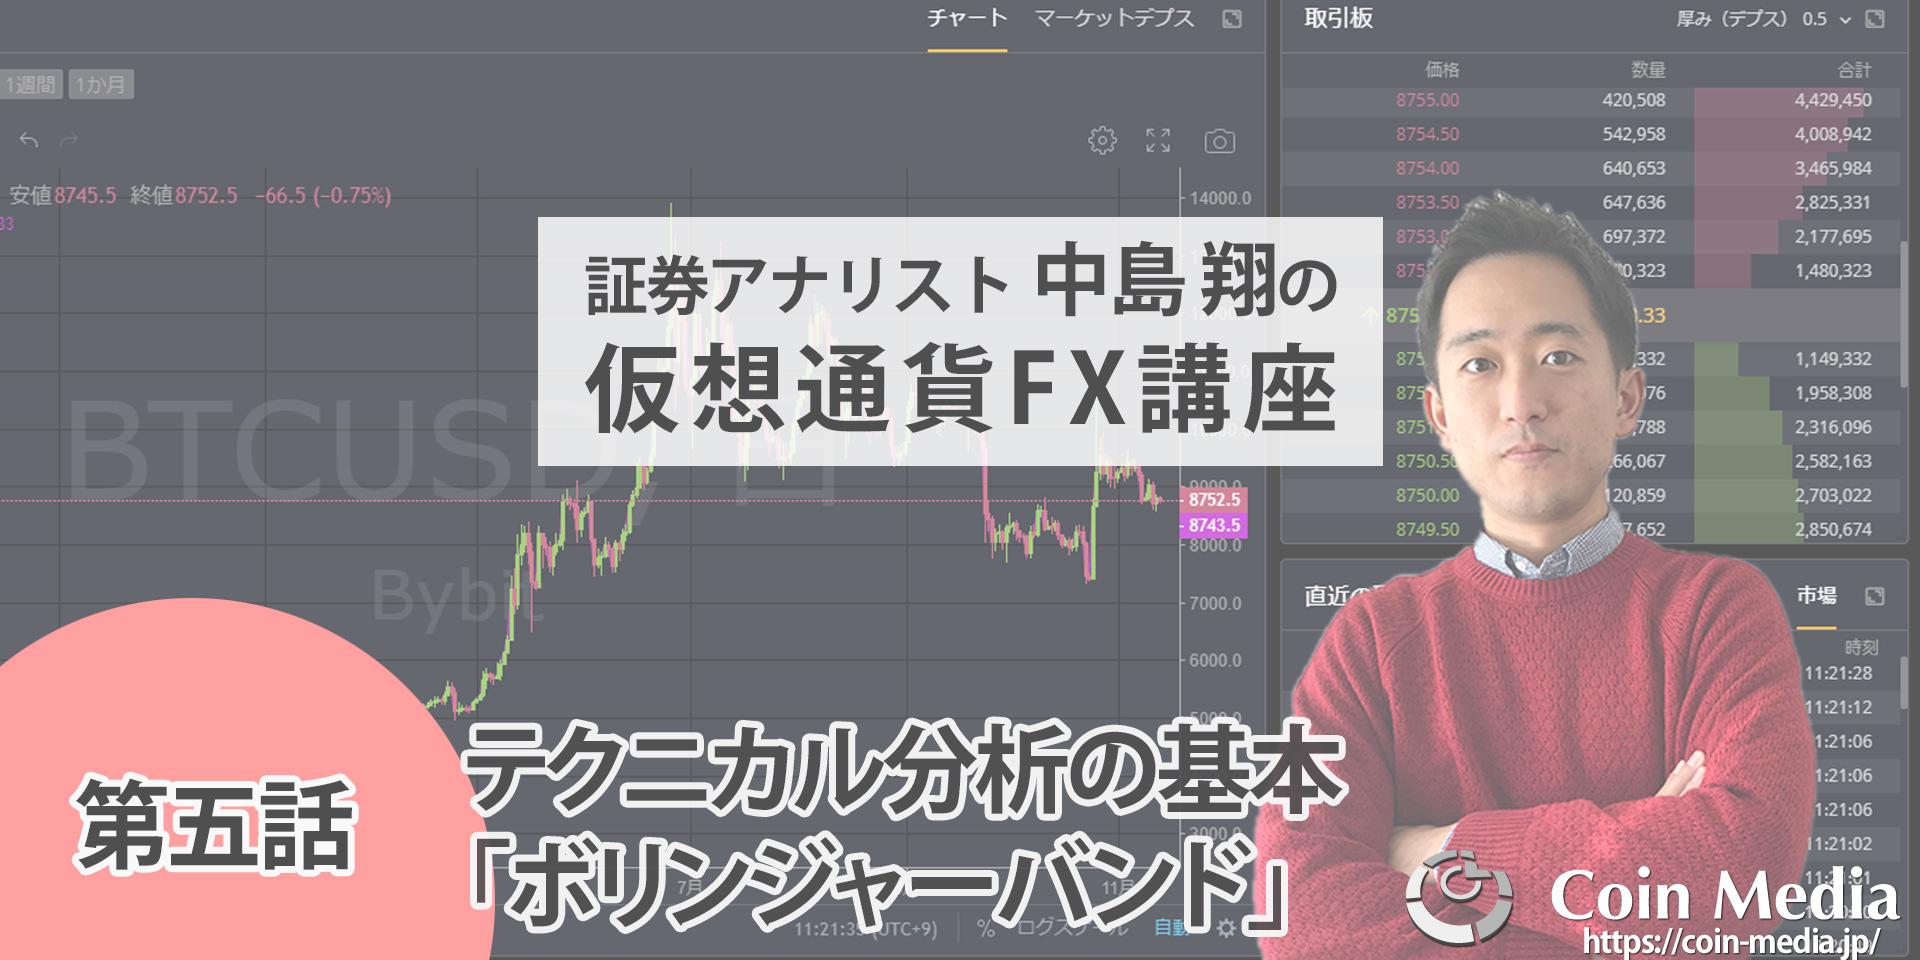 仮想通貨FX初心者向け講座第五話:テクニカル分析の基本(ボリンジャーバンド)【仮想通貨FX中級者への道】